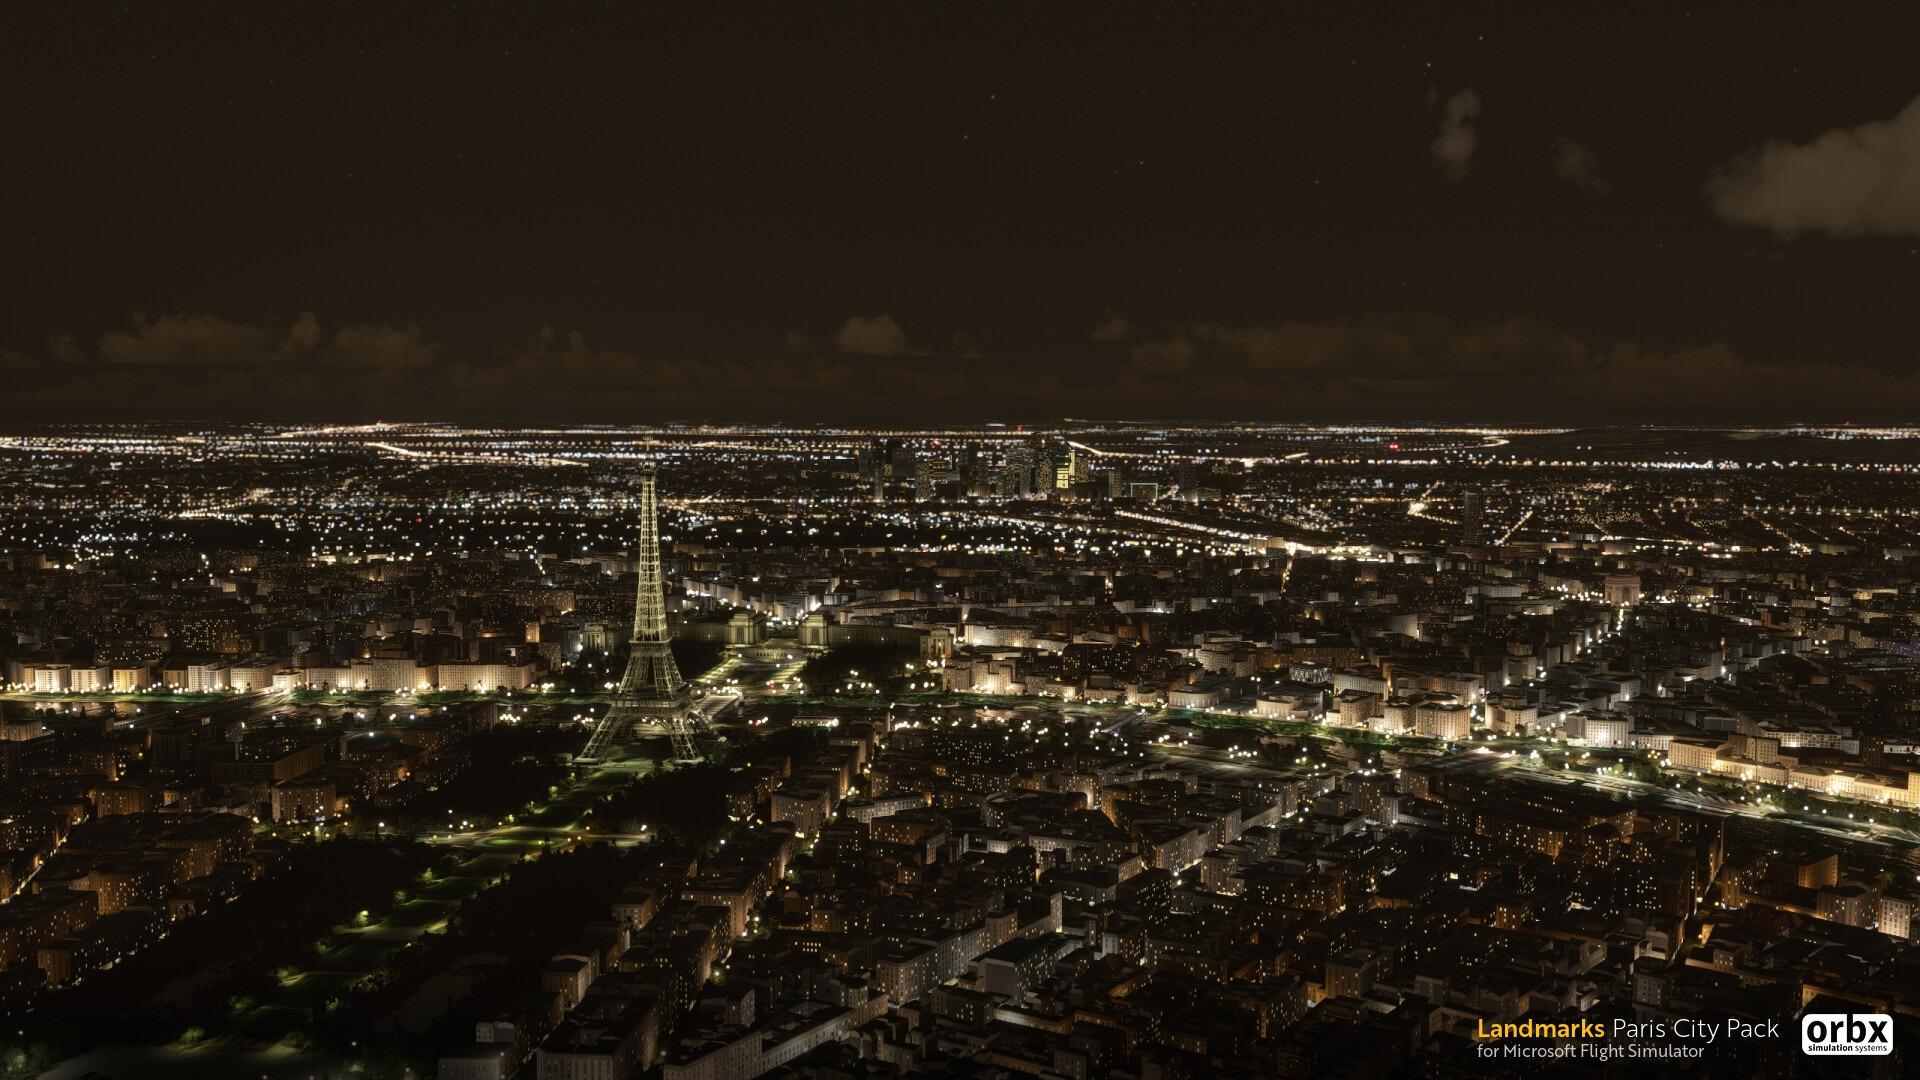 Orbx公布《微软飞行模拟》新插件包巴黎站